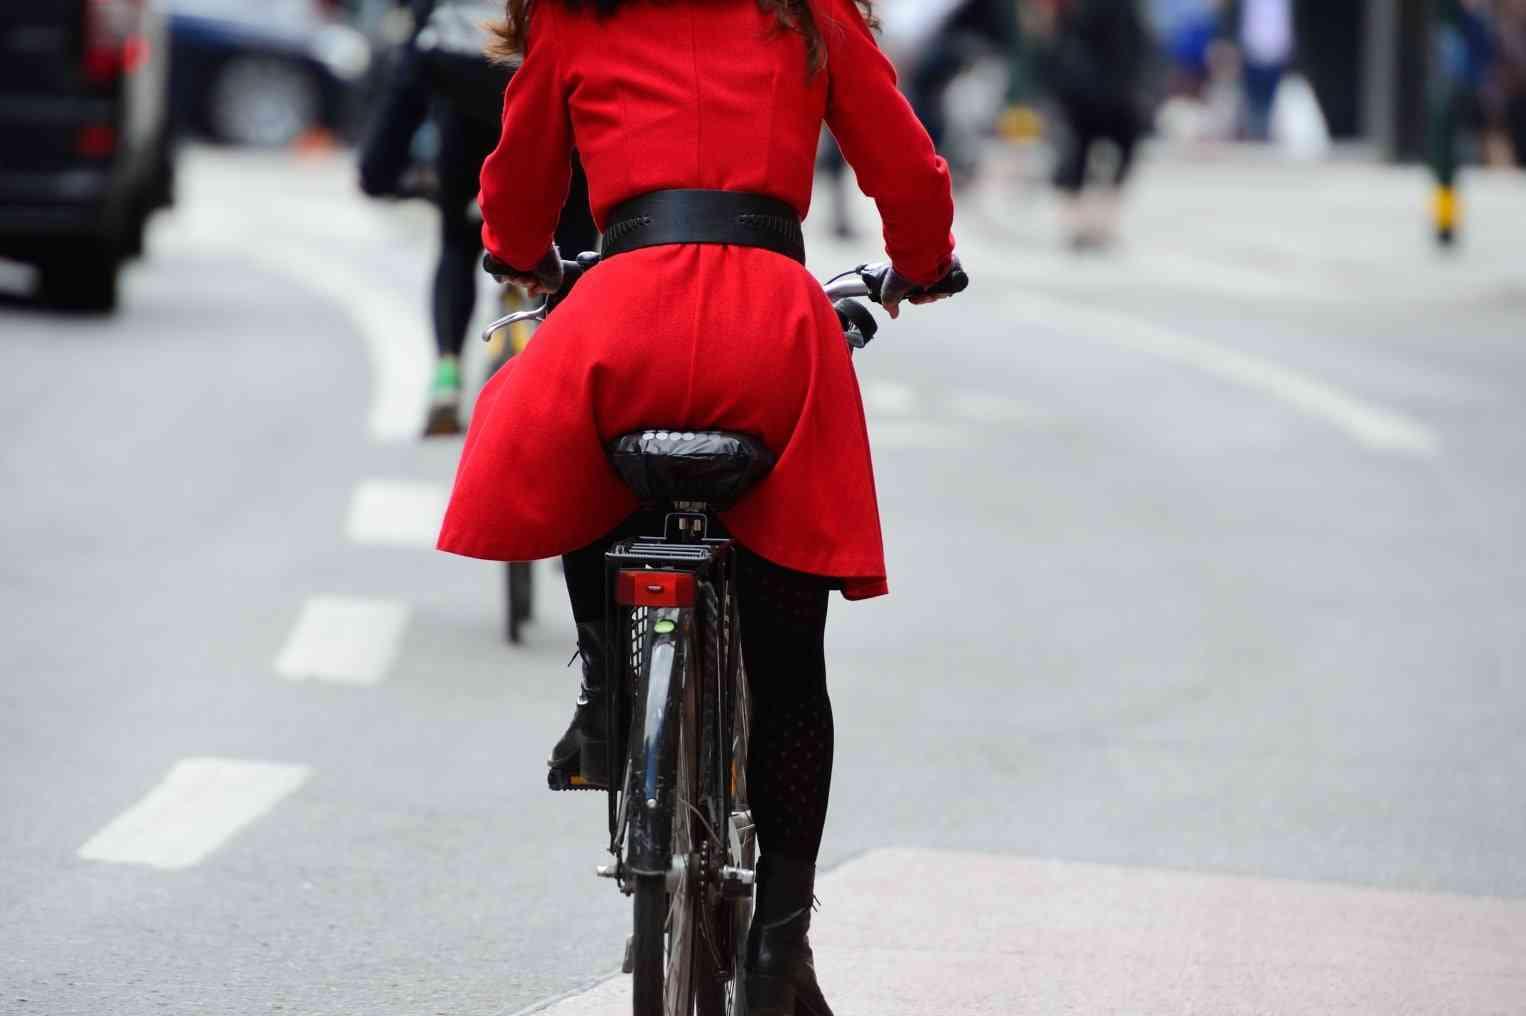 Desplazarse en bicicleta es considerado por el 41% de los españoles como peligroso 1